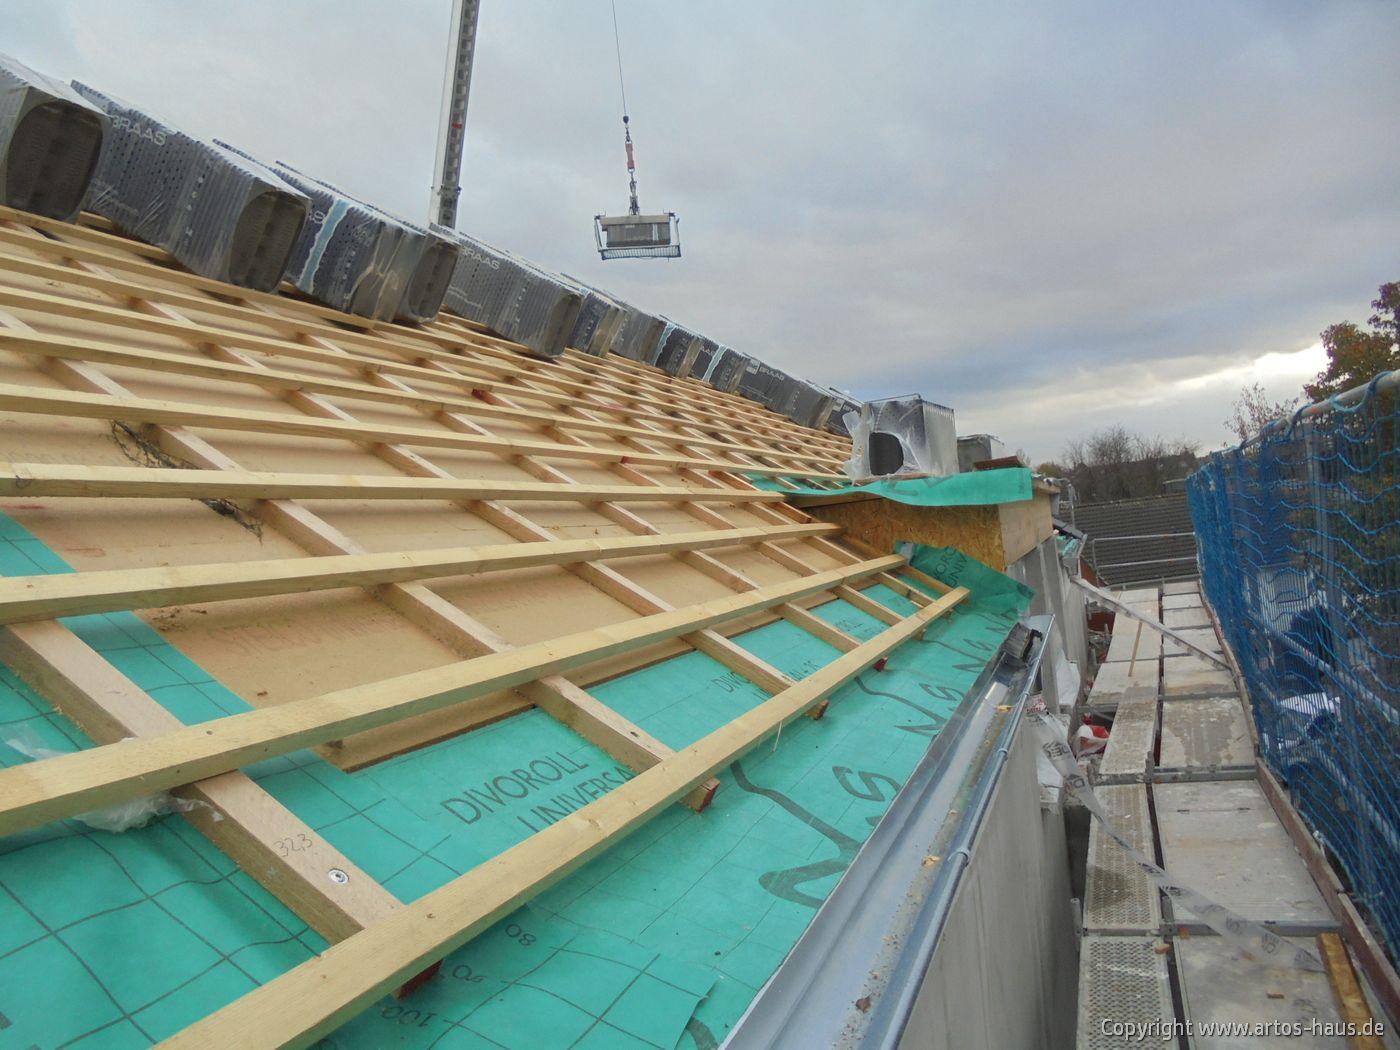 Dachdeckerarbeiten in Pulheim / ARTOS-HAUS Foto 1